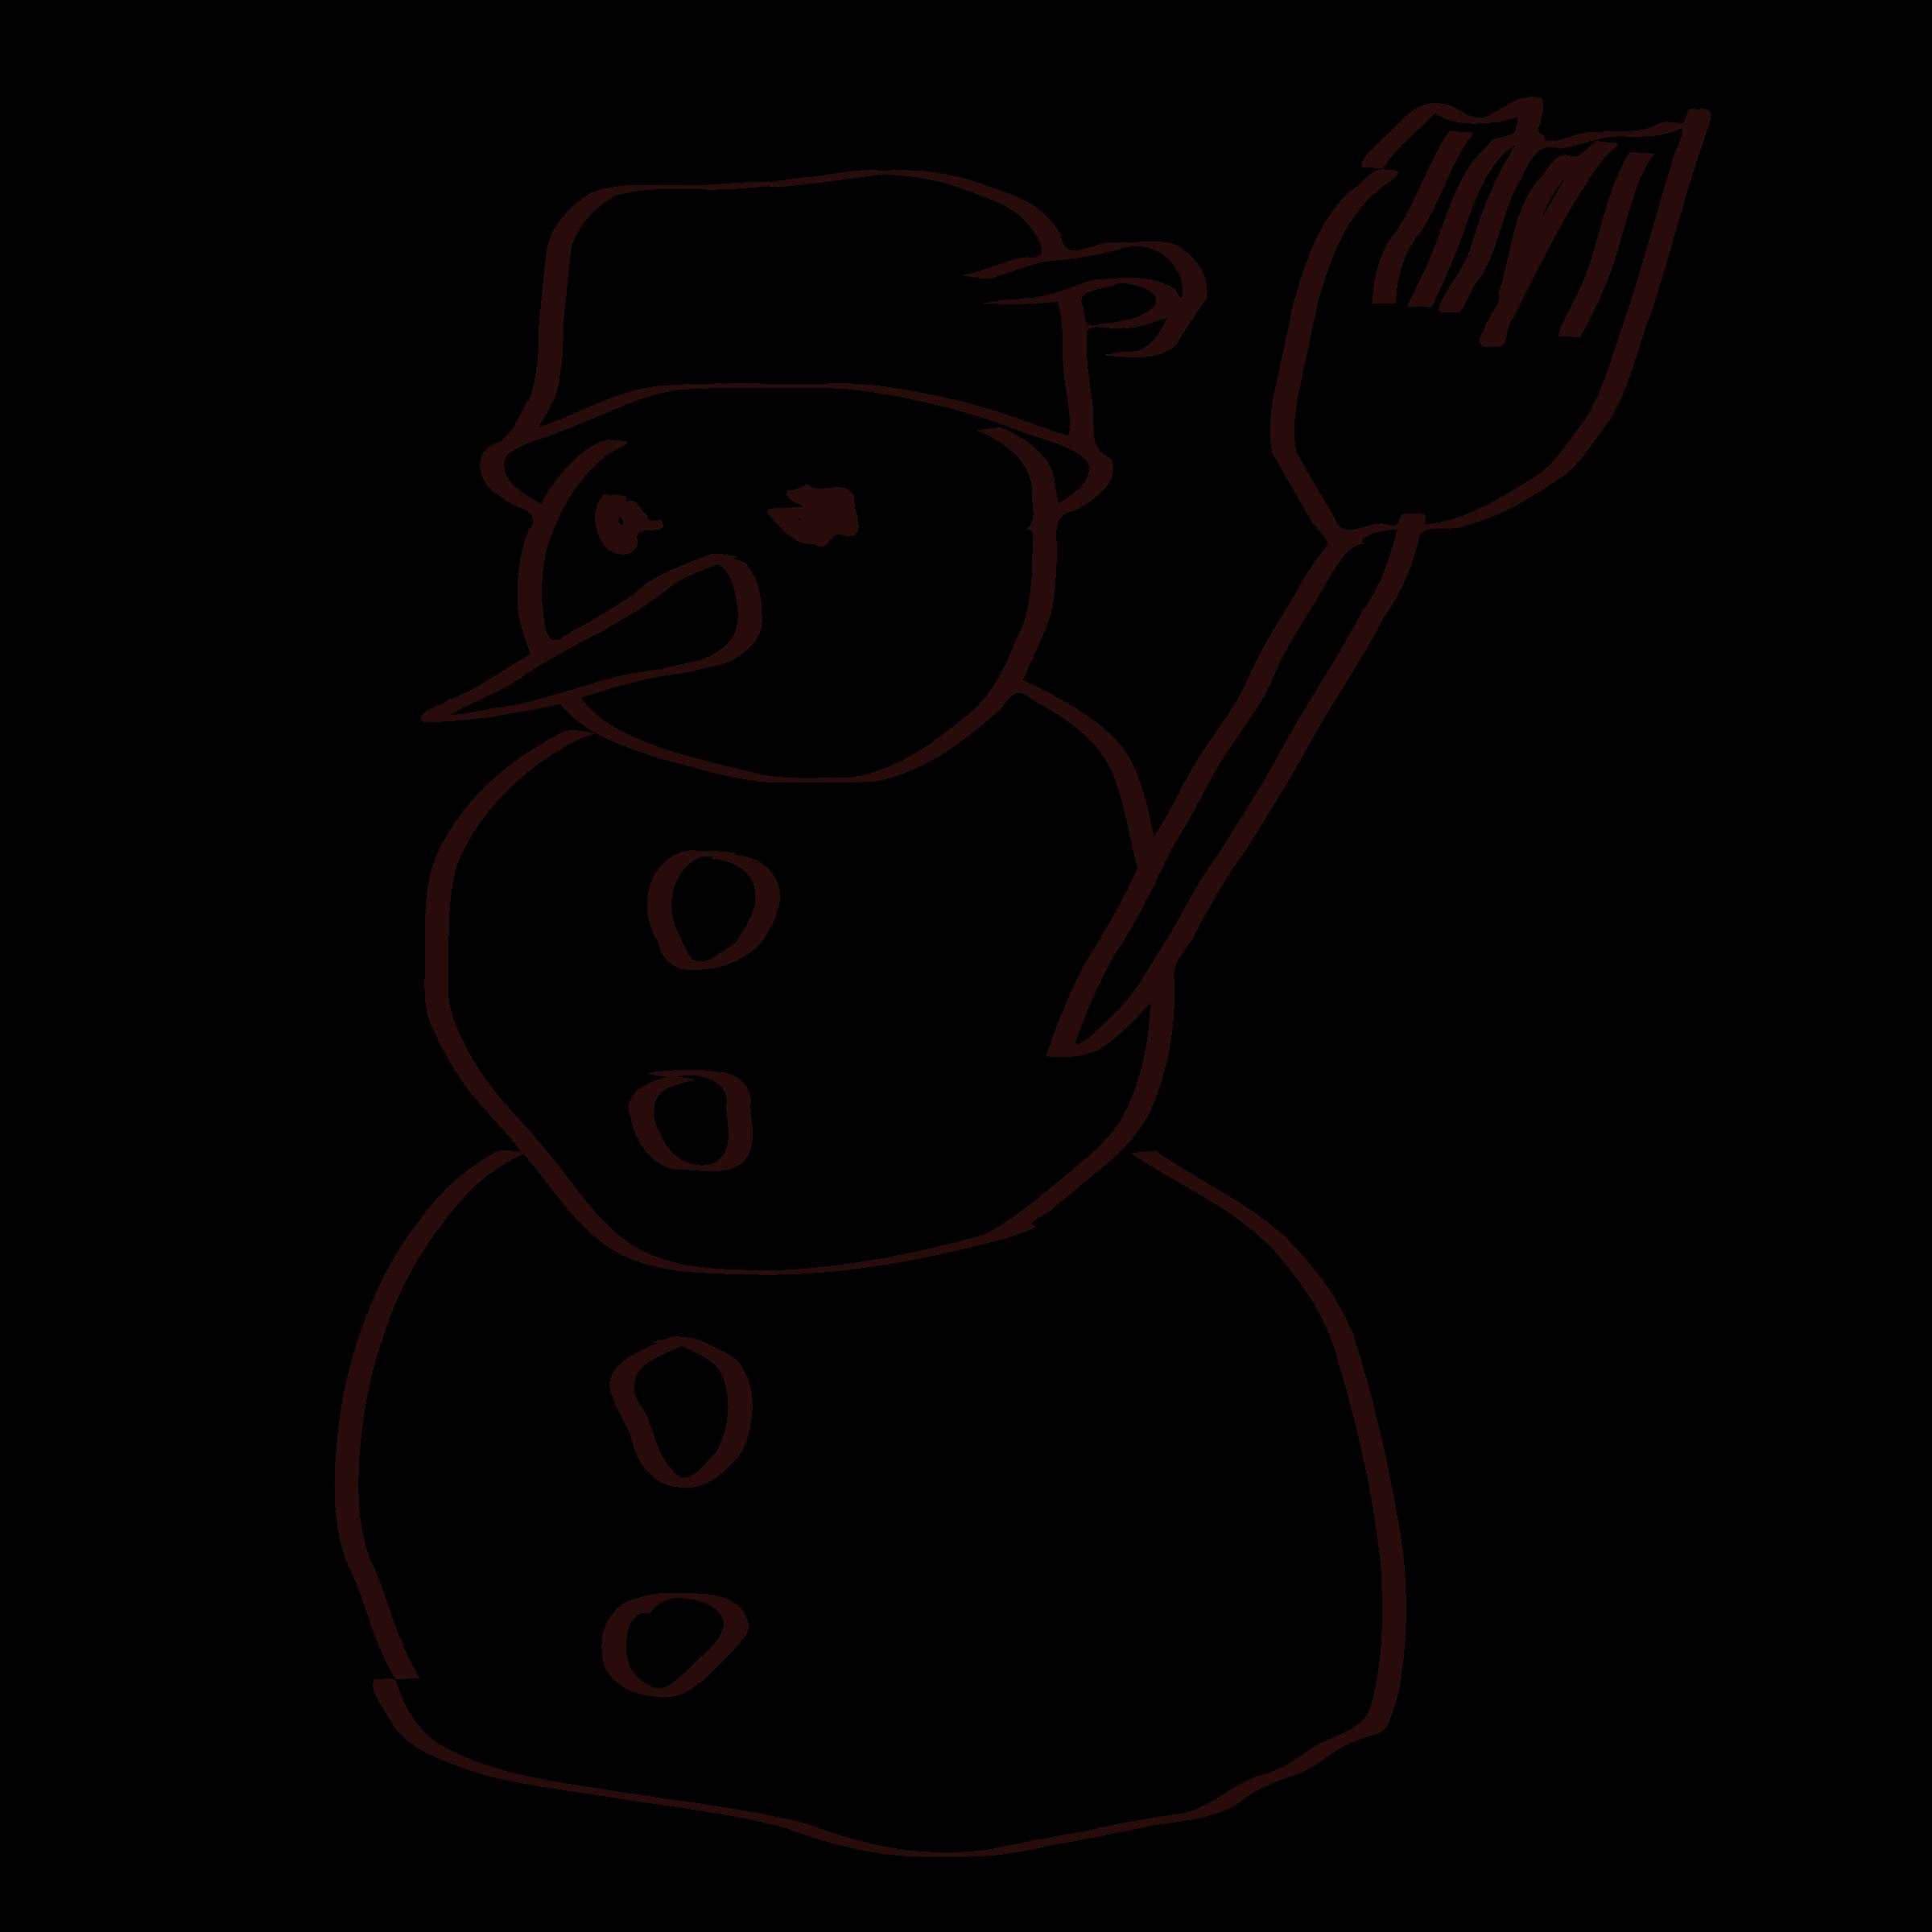 snowman clipart outline